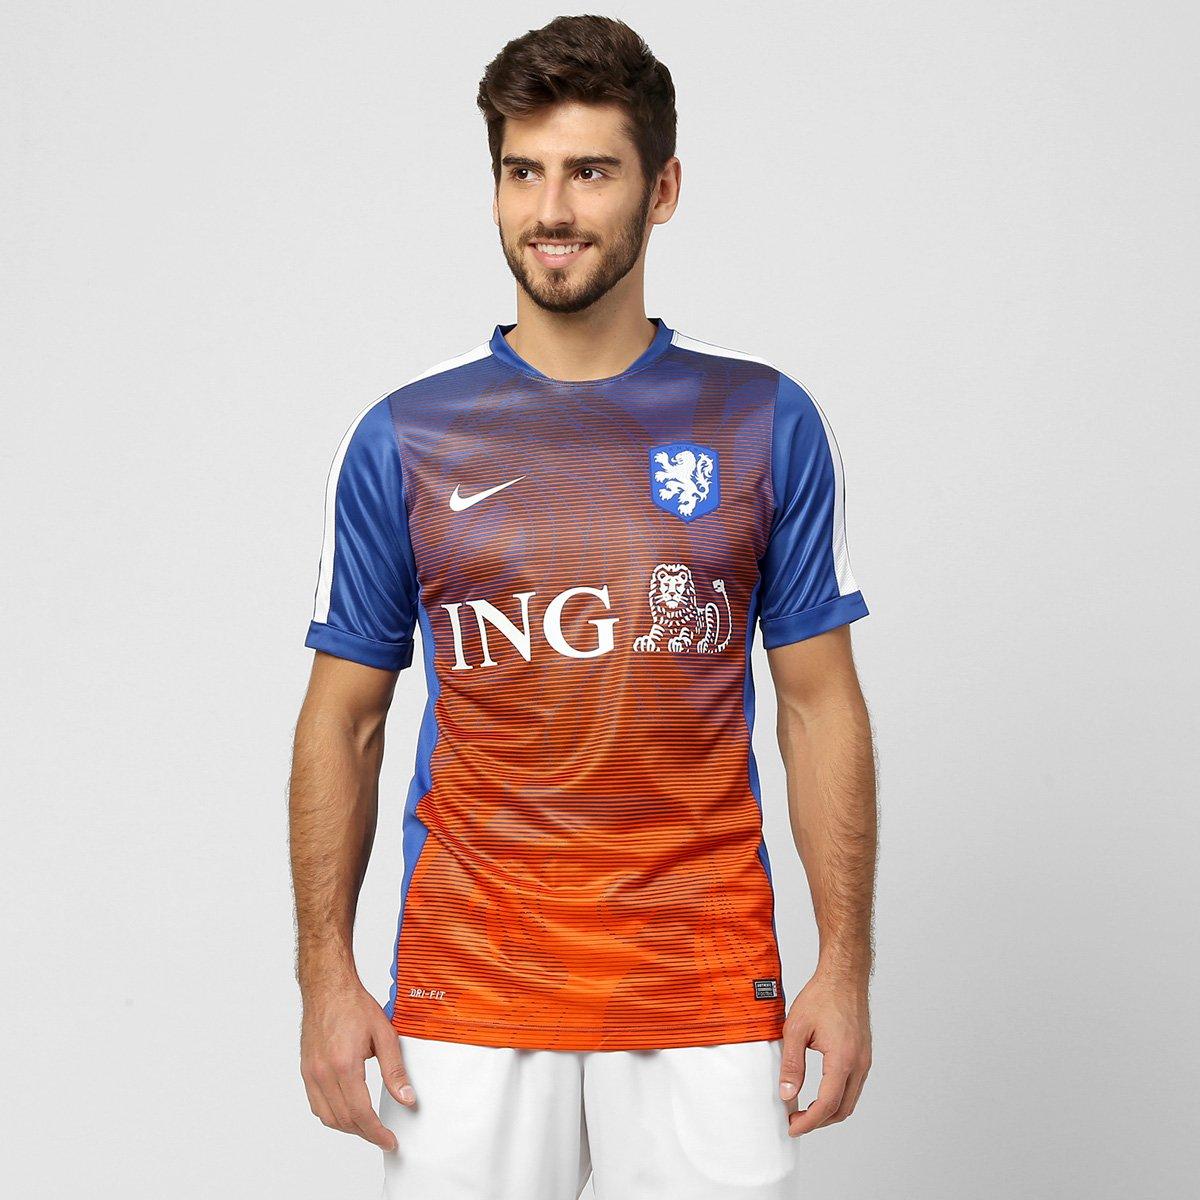 9e2499bc843fb Camisa Nike Seleção Holanda Pre Match 2015 - Compre Agora